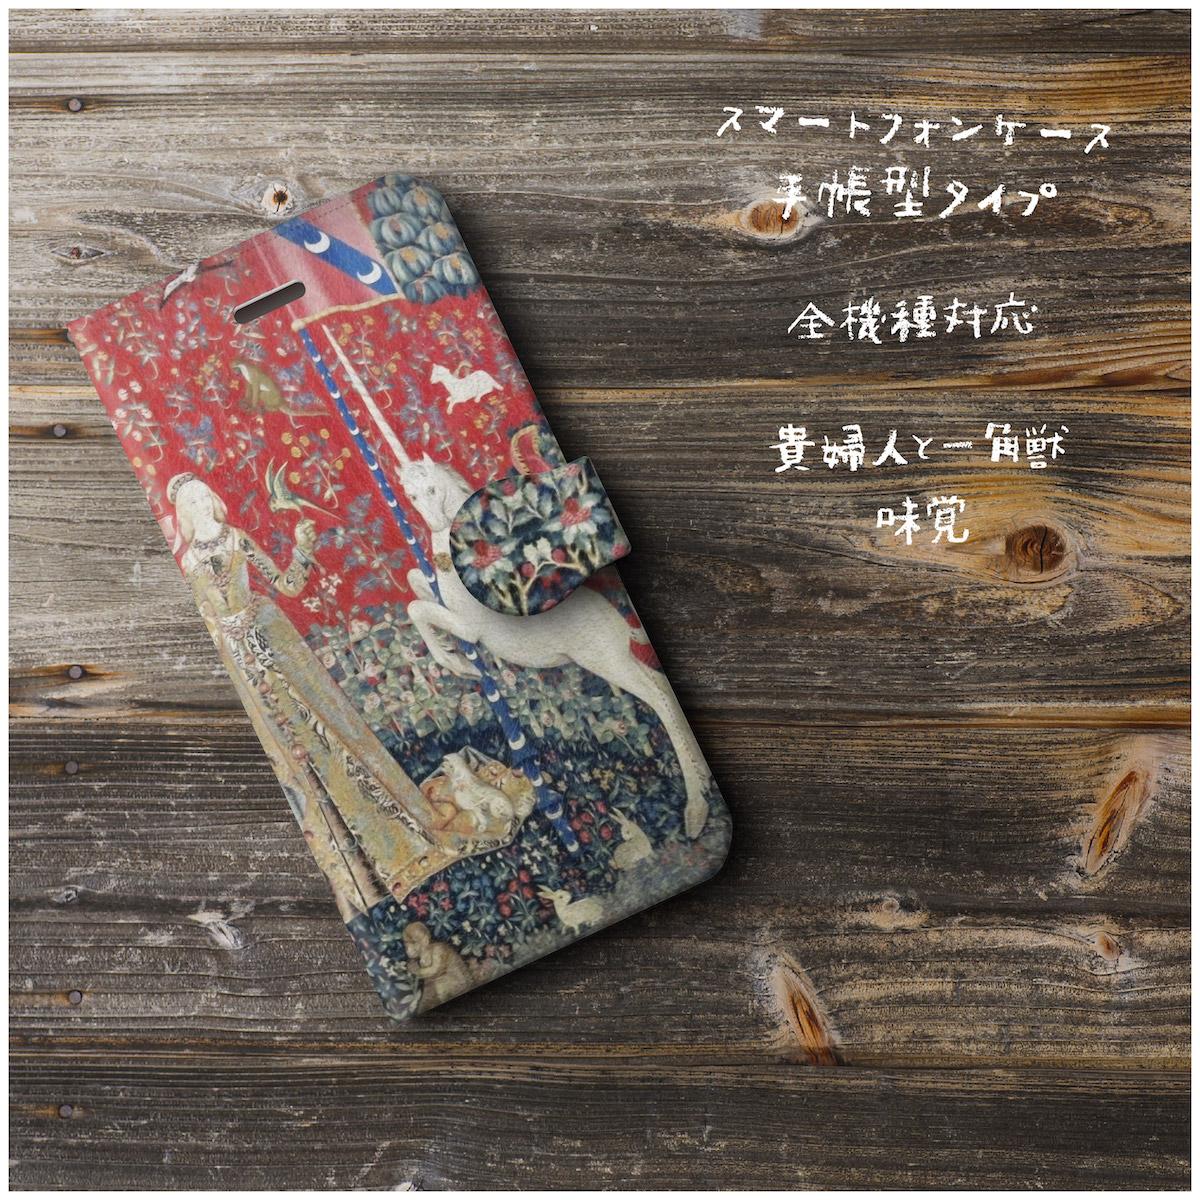 貴婦人と一角獣 味覚 スマホケース手帳型 全機種対応 Iphone11 Galaxy Iichi ハンドメイド クラフト作品 手仕事品の通販